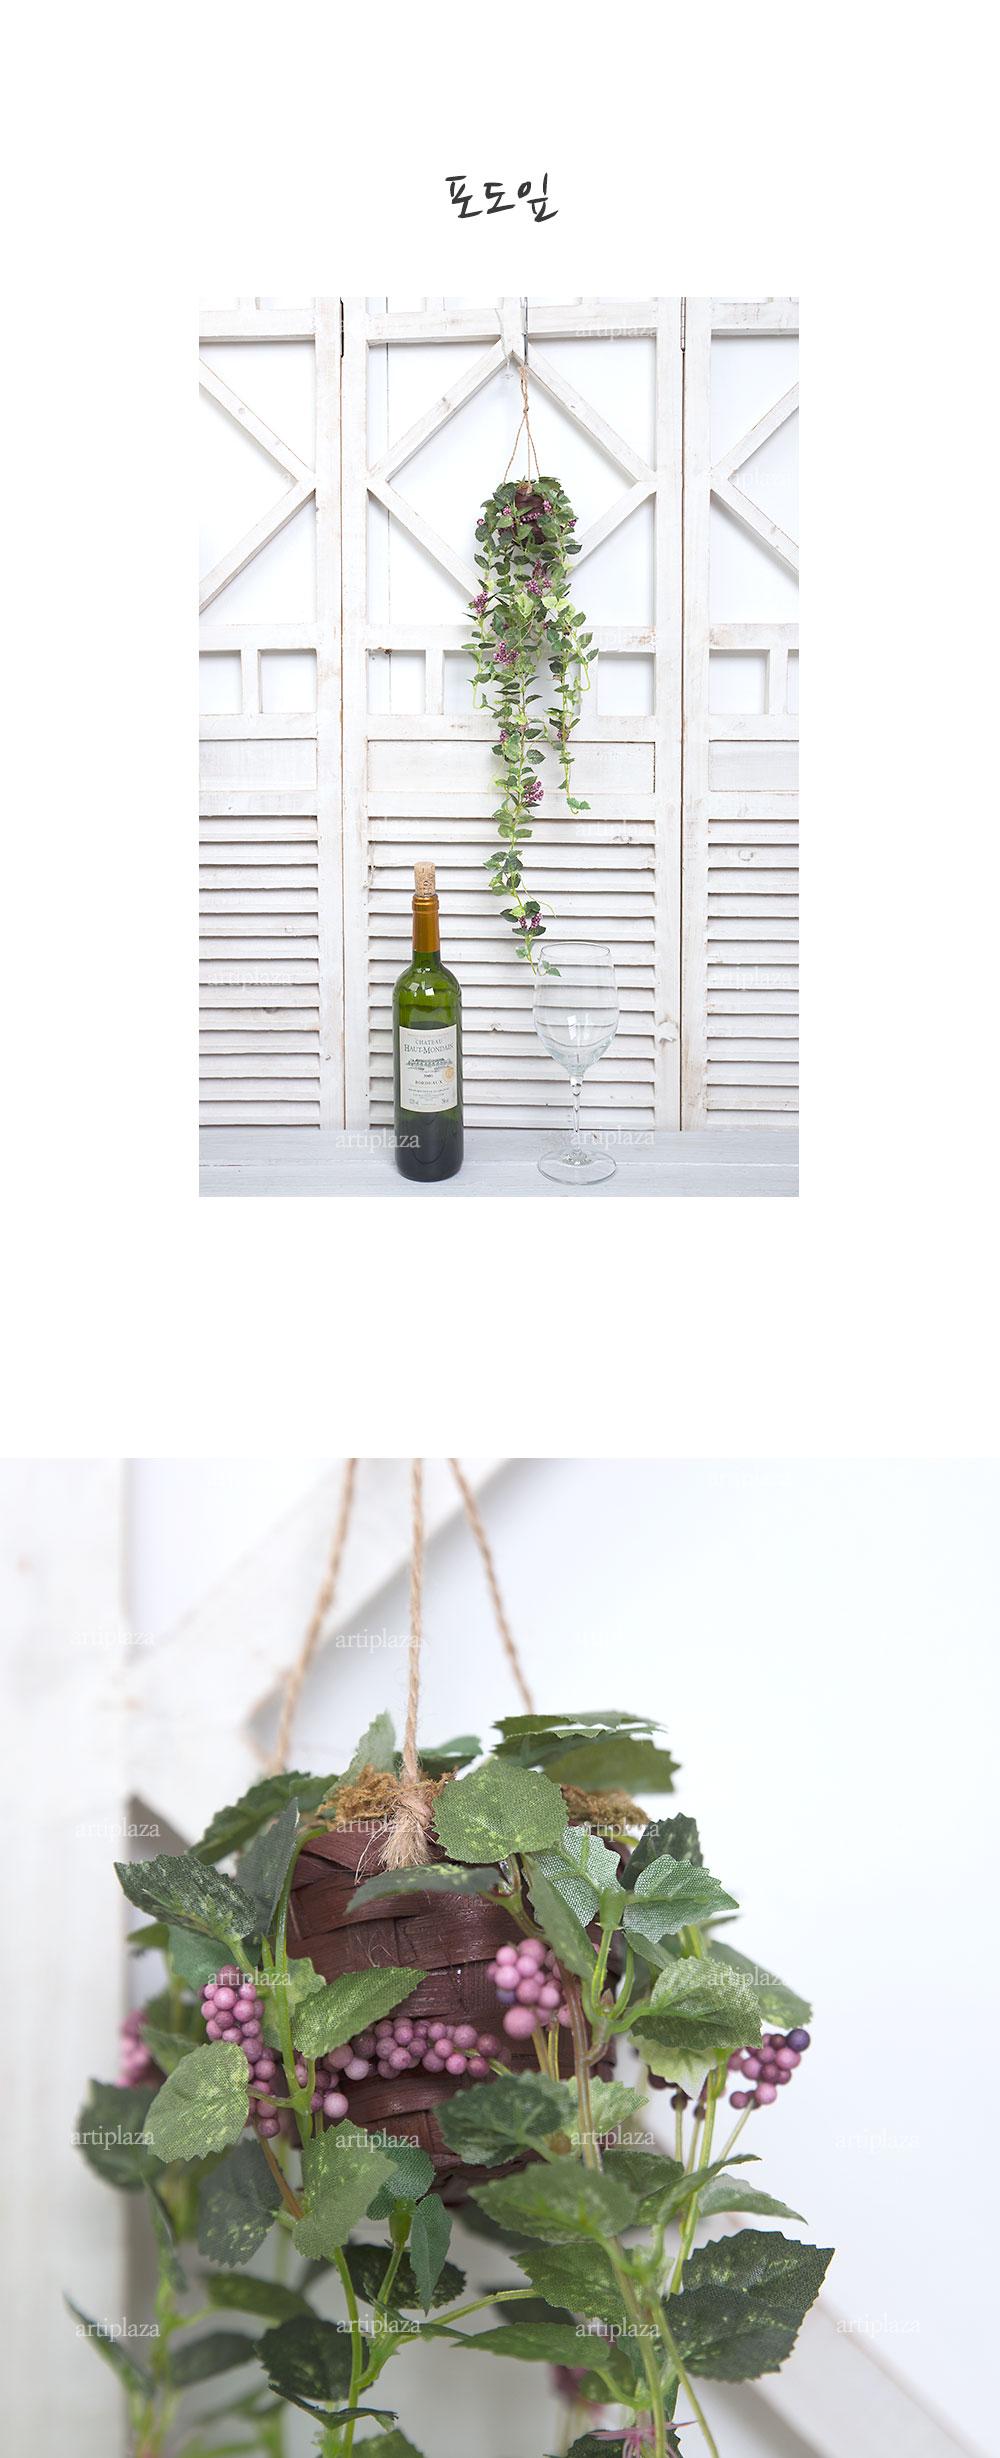 행잉 잎사귀 넝쿨 바구니 조화 - 아티플라자, 9,800원, 조화, 리스/가랜드